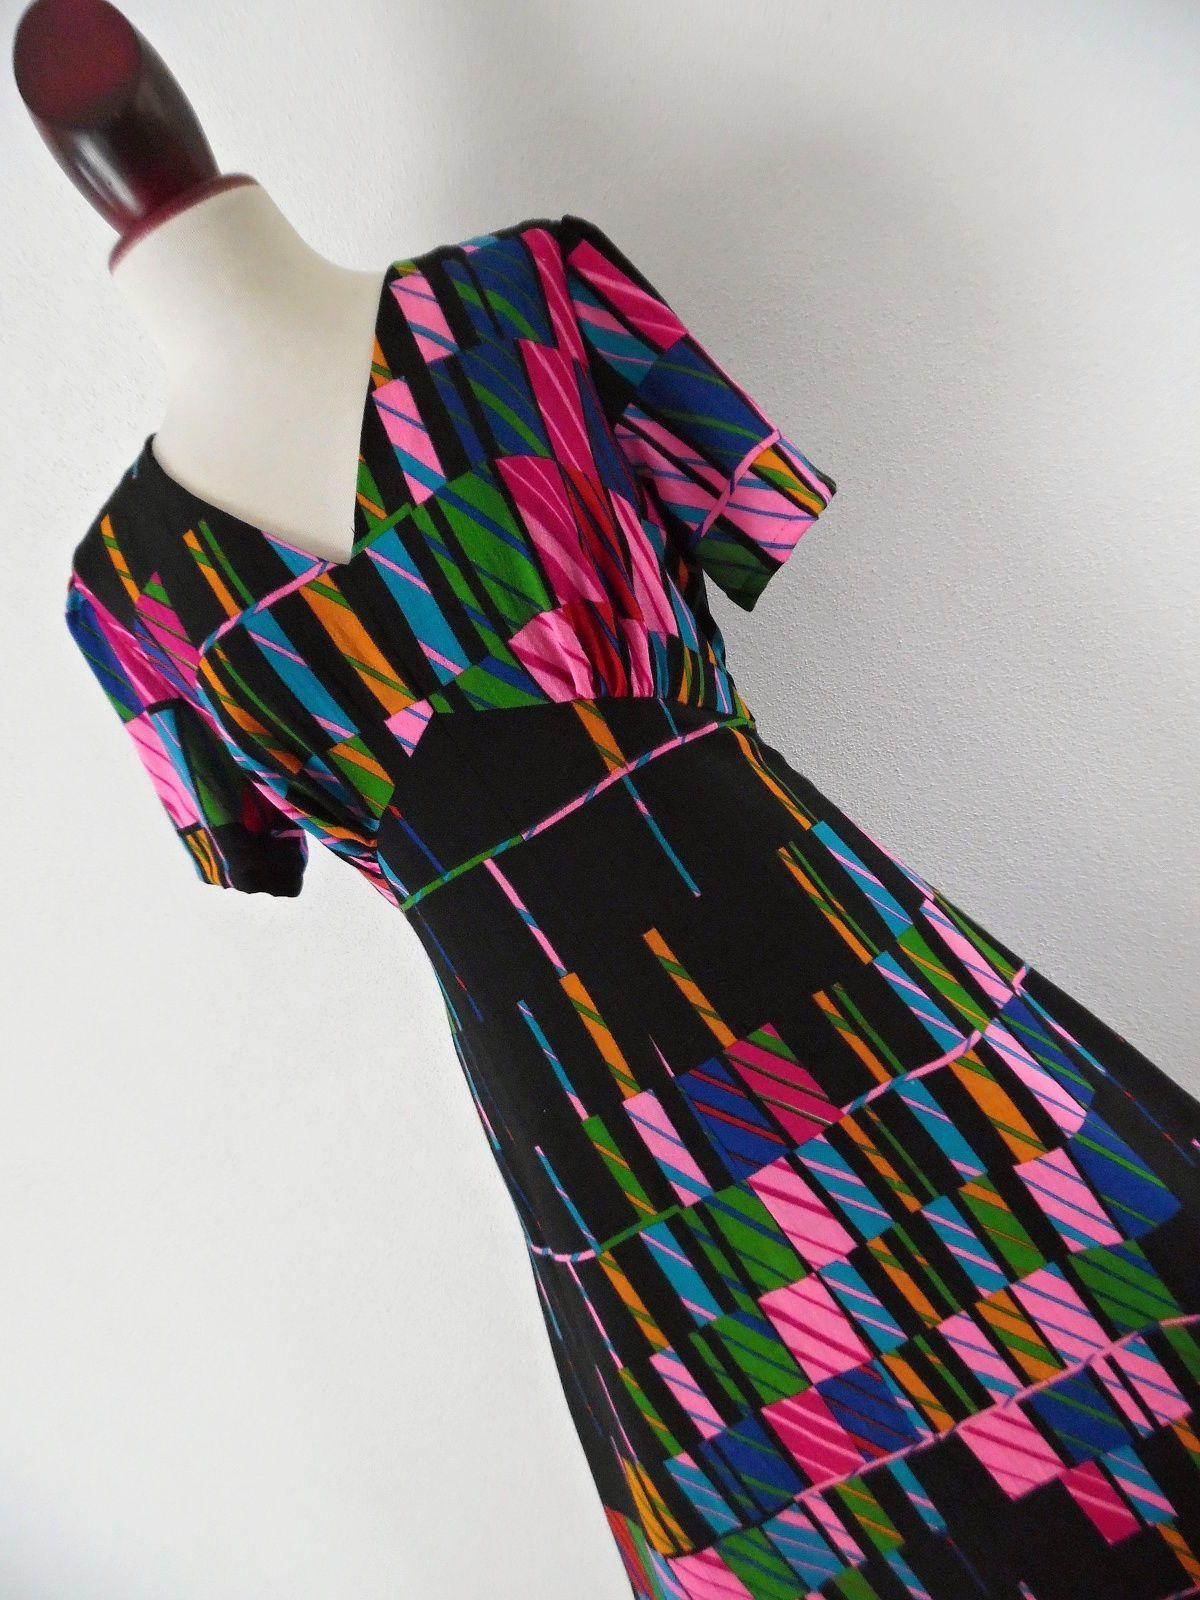 . THE MATRIX DRESS . L Wool Op Art Futuristic Geometric Graphics Print Maxi 70s